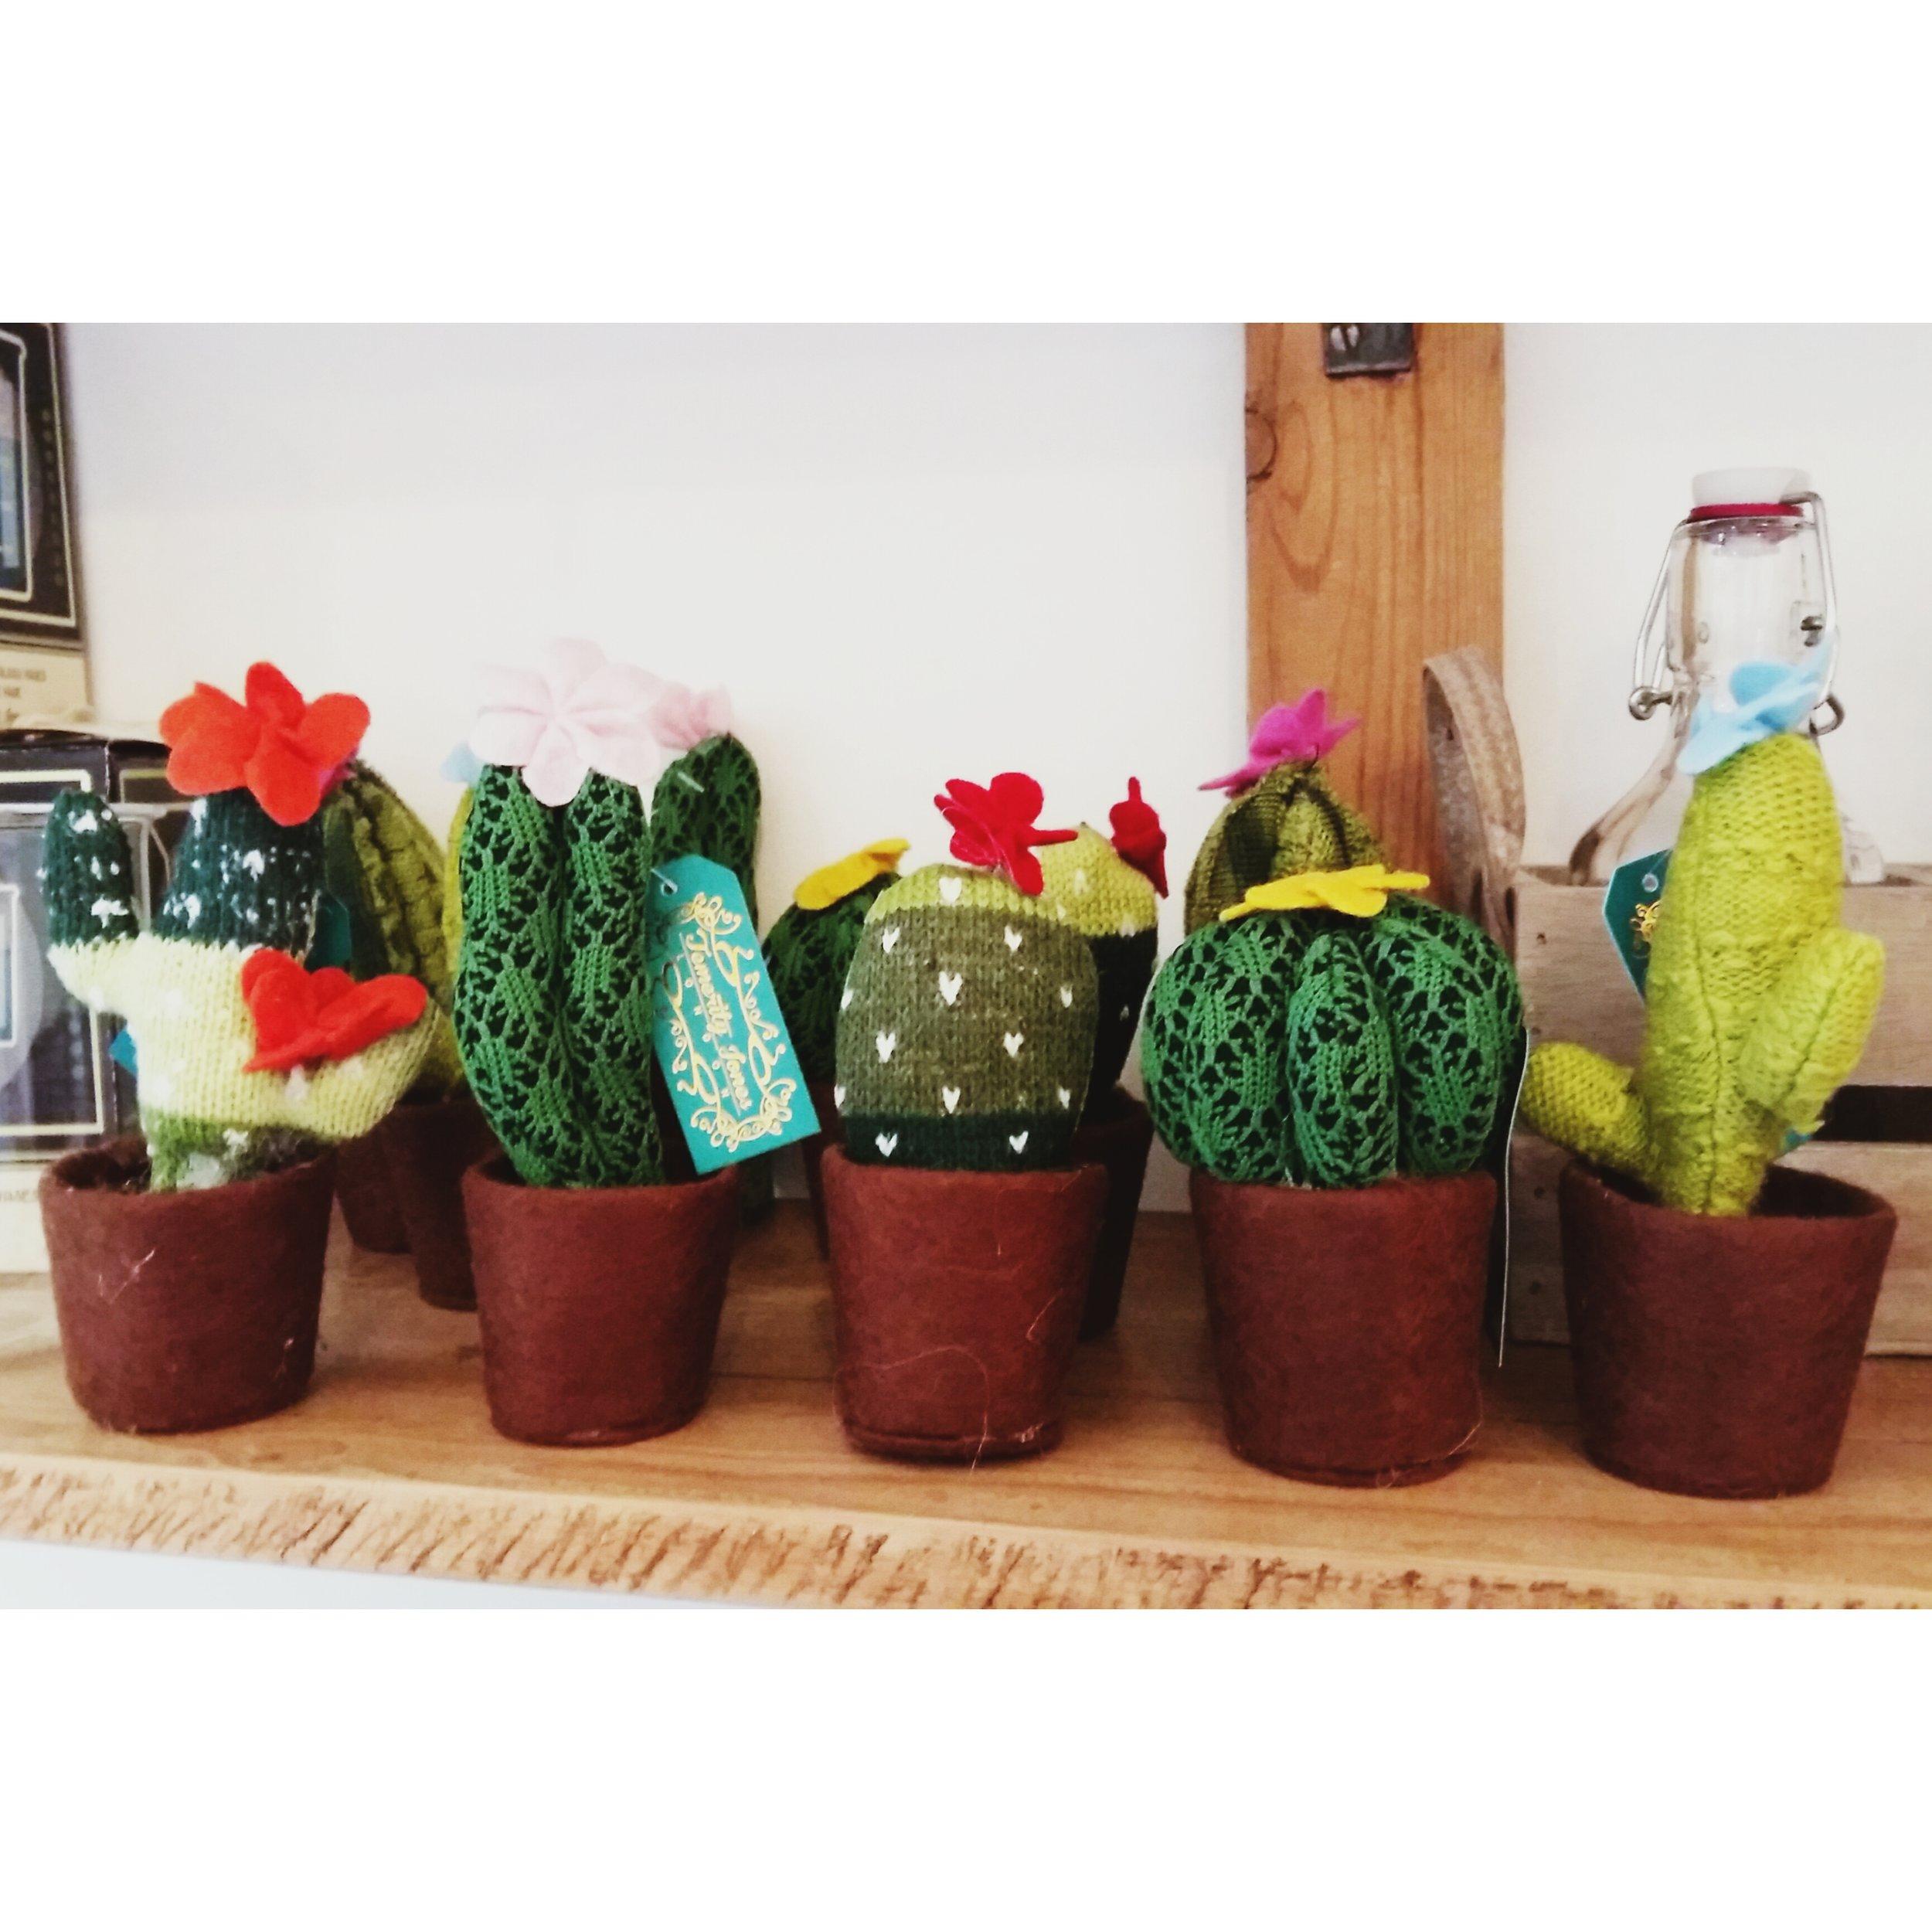 Fabric cacti £3.50 each